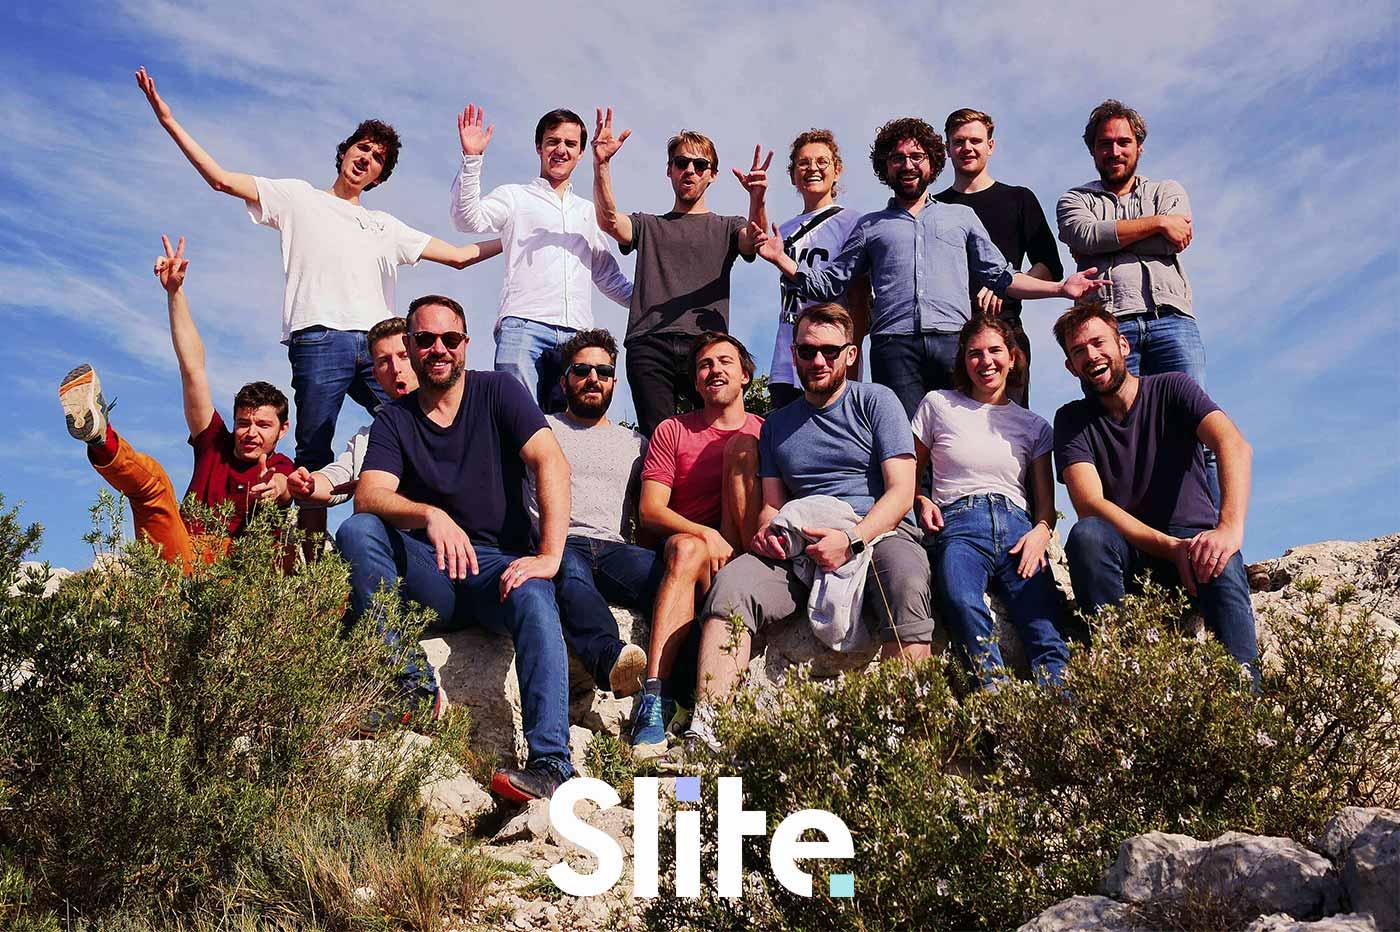 Slite startup